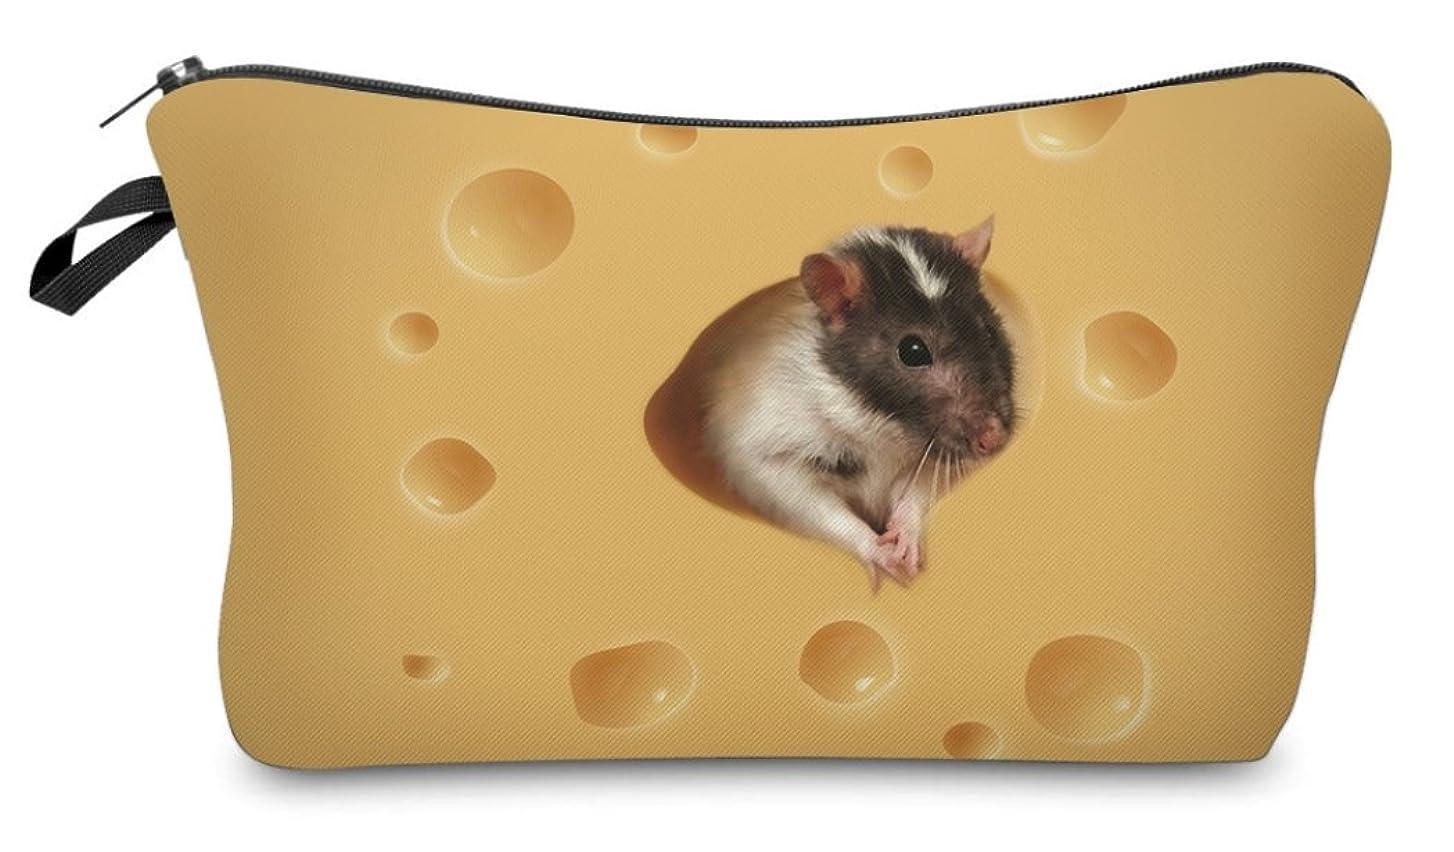 抽選大学特異な( 560kick ) チーズ と ネズミ 柄 ポーチ メイクグッズ 収納